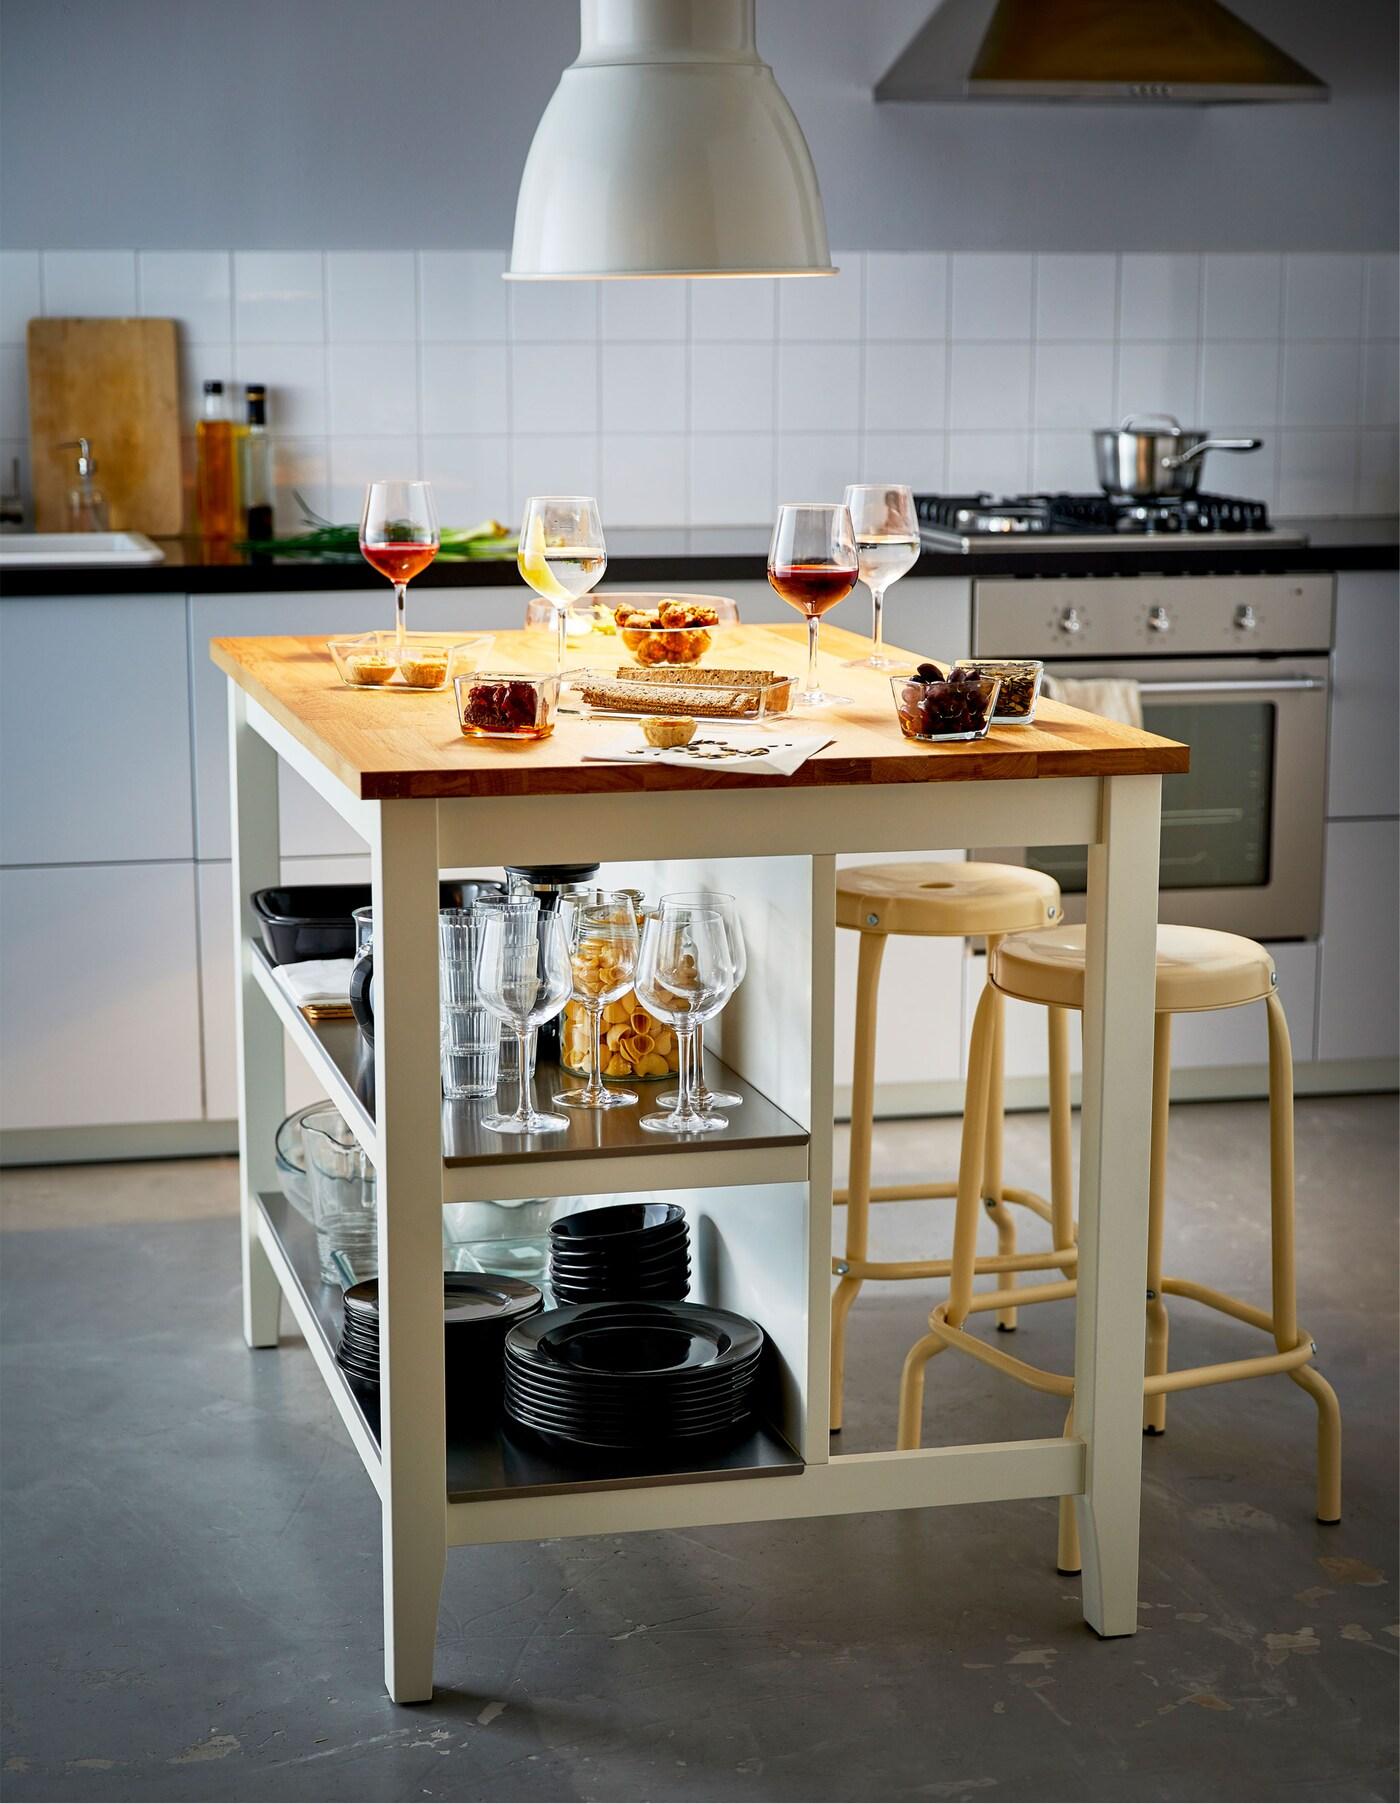 Full Size of Ikea Mobile Kcheninsel Besten 25 Bar Ideen Auf Pinterest Küche Kosten Modulküche Betten Bei Kaufen Sofa Mit Schlaffunktion Miniküche 160x200 Wohnzimmer Kücheninsel Ikea